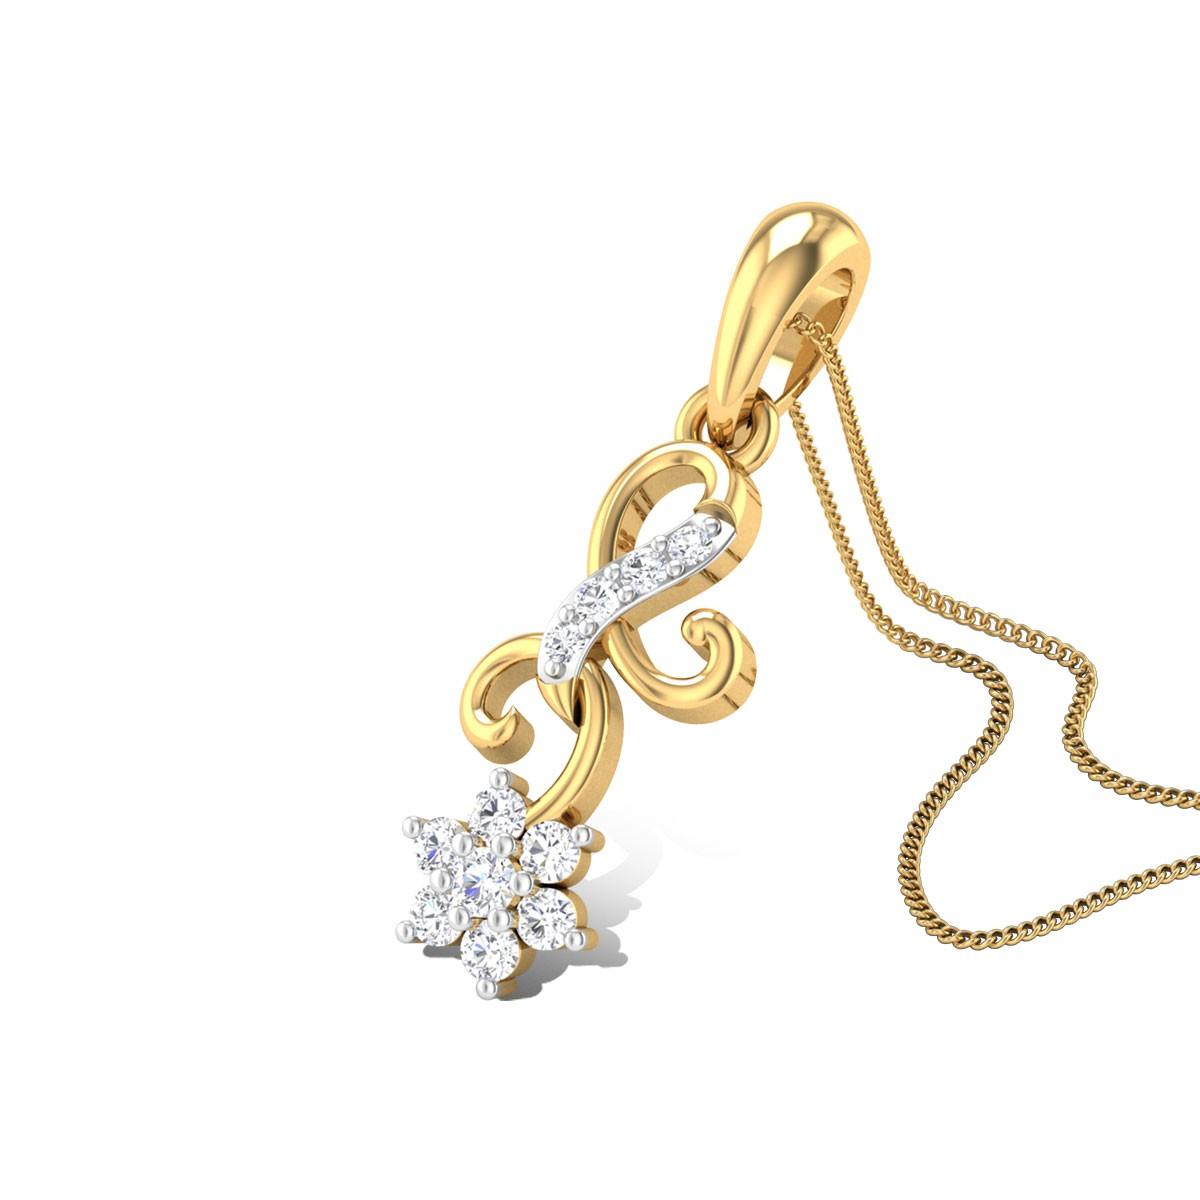 Harmony Diamond Pendant